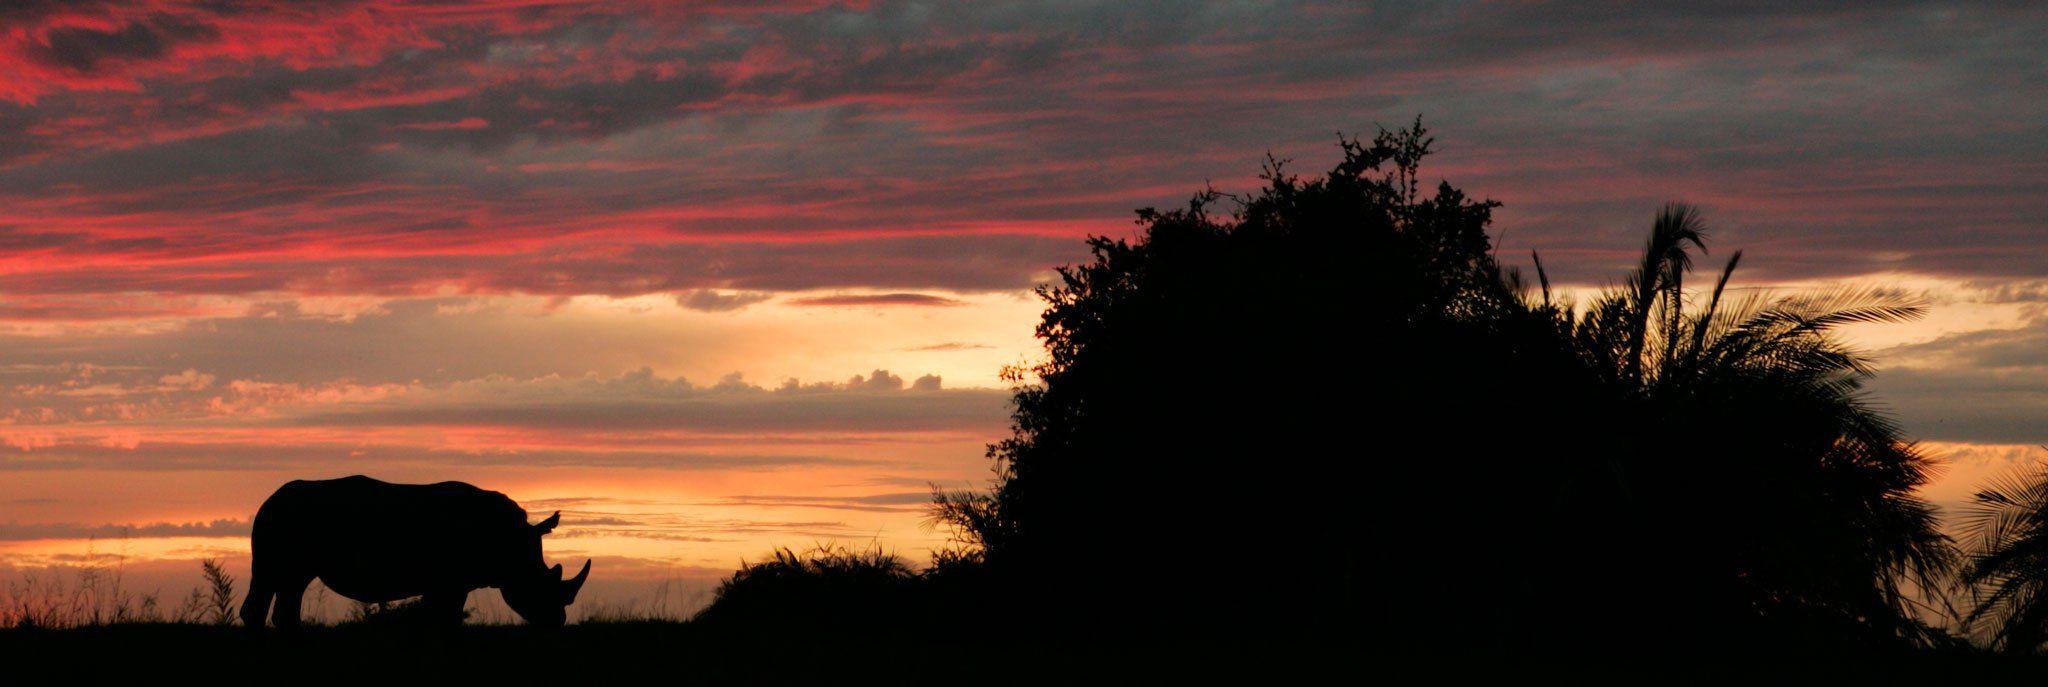 rhino sunset beverly joubert